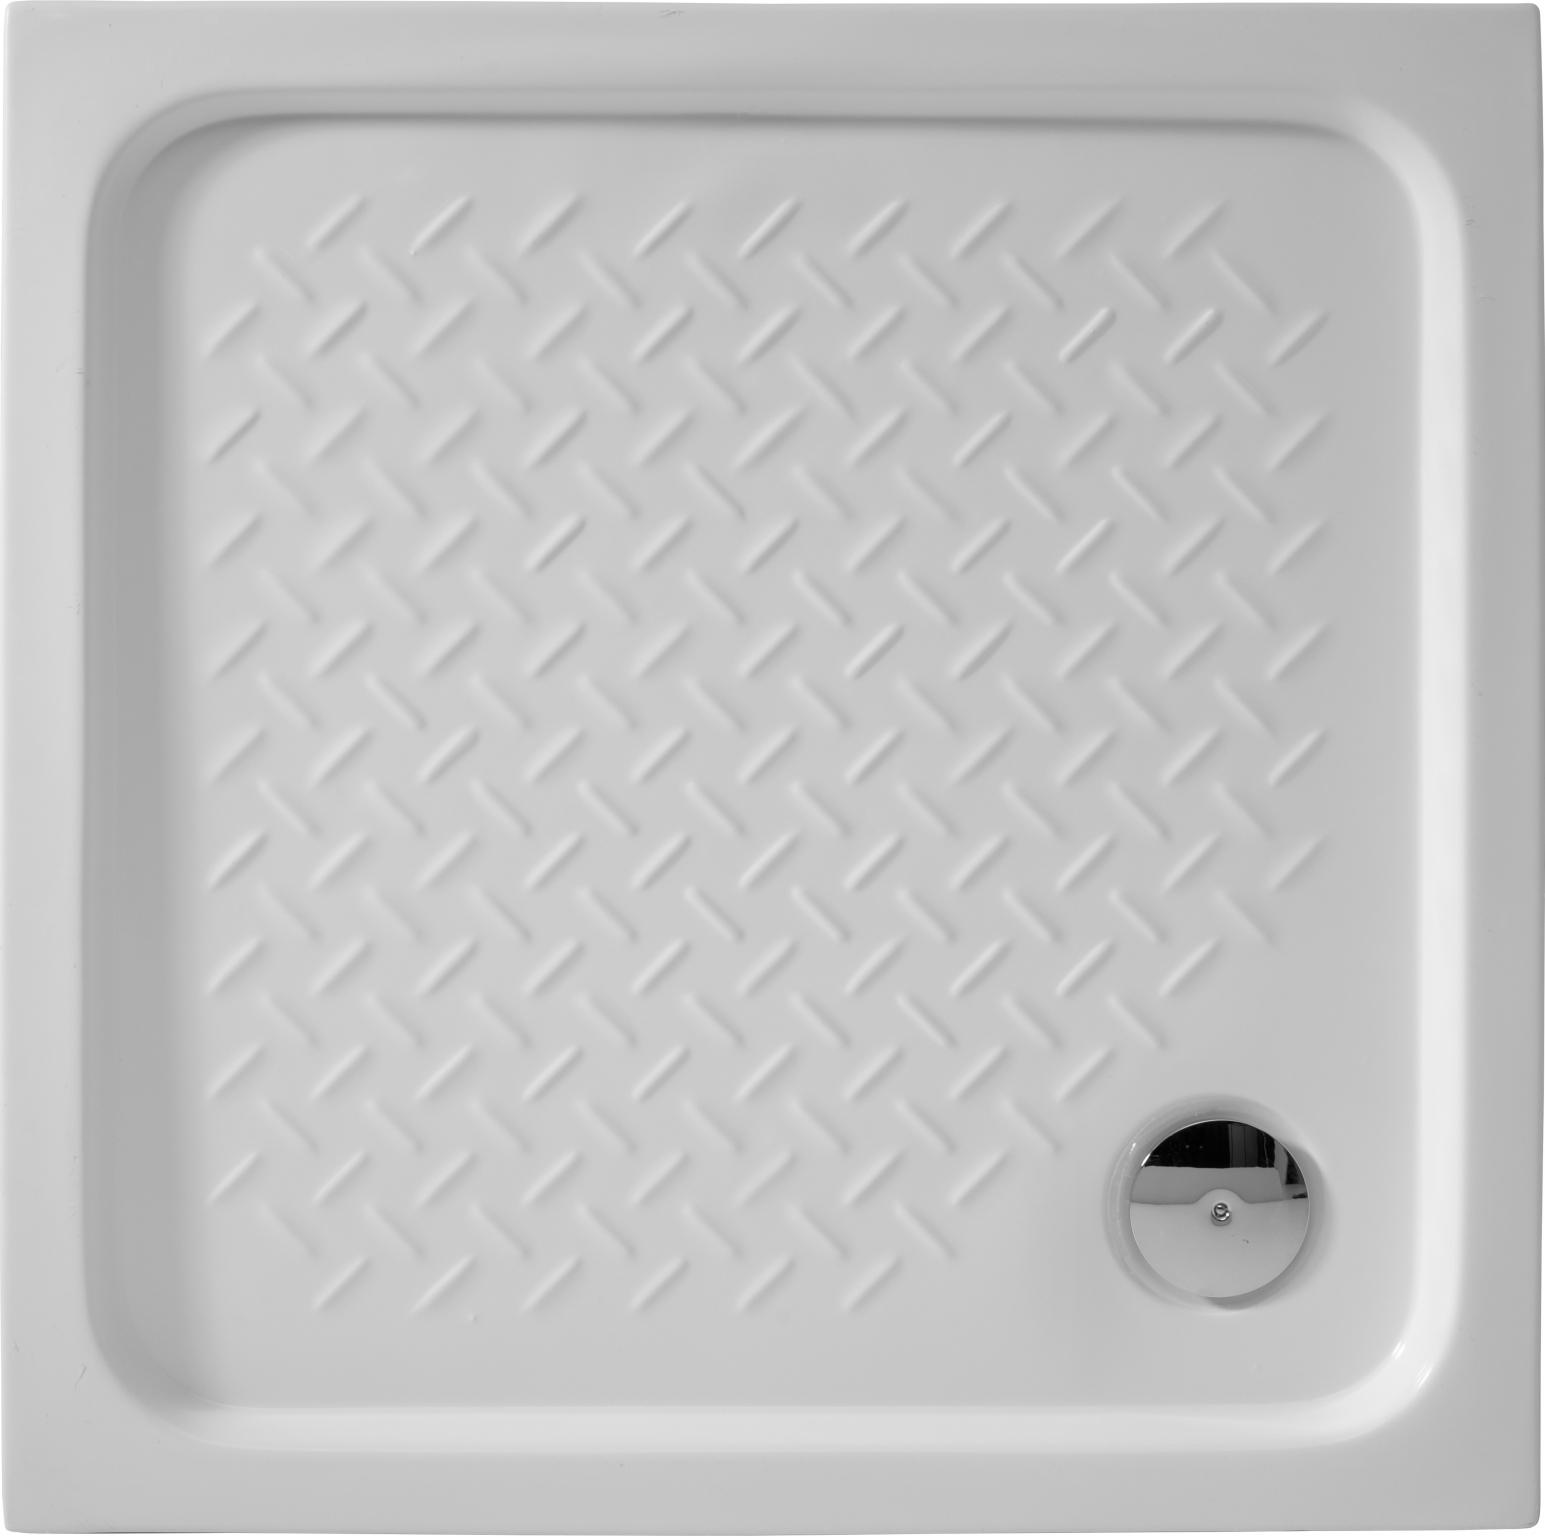 Квадратный душевой поддон De Aqua  100x100 см (APD100100-4)